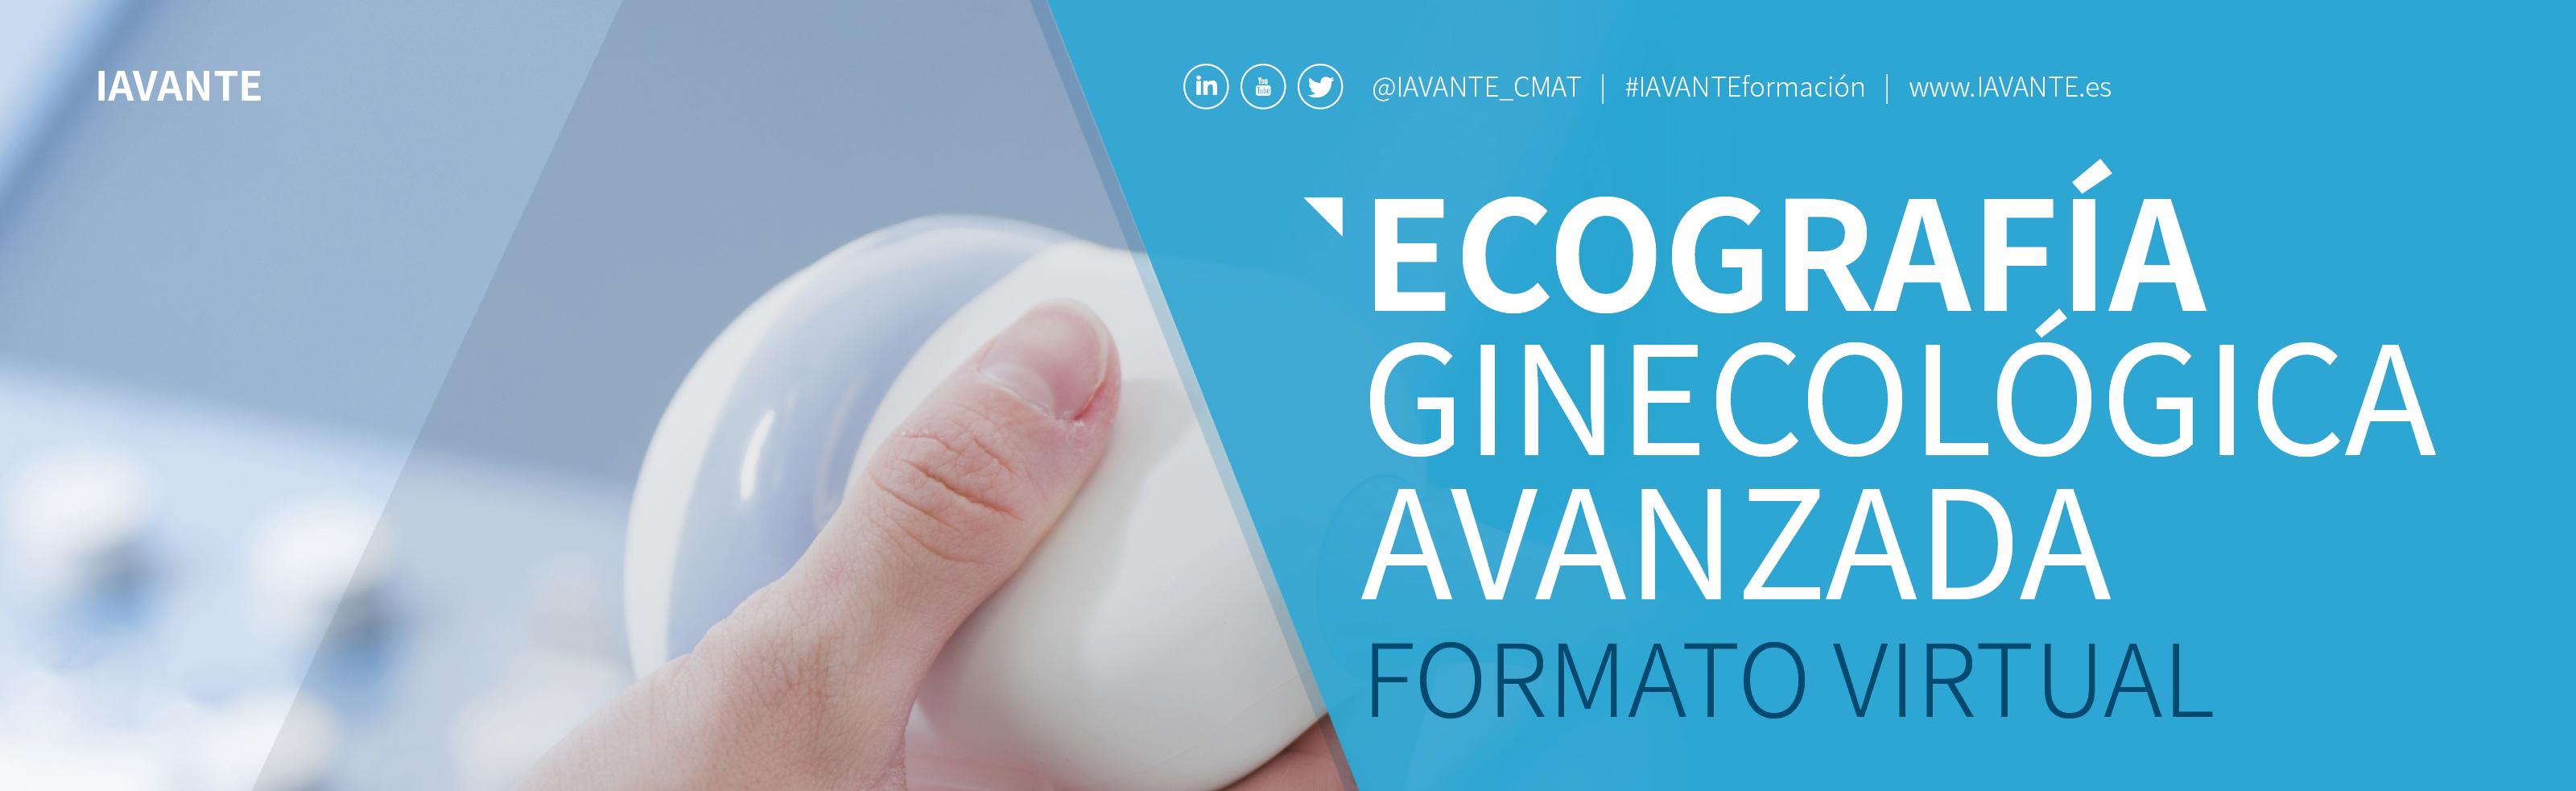 Ecografia Ginecologica Avanzada Formato Virtual